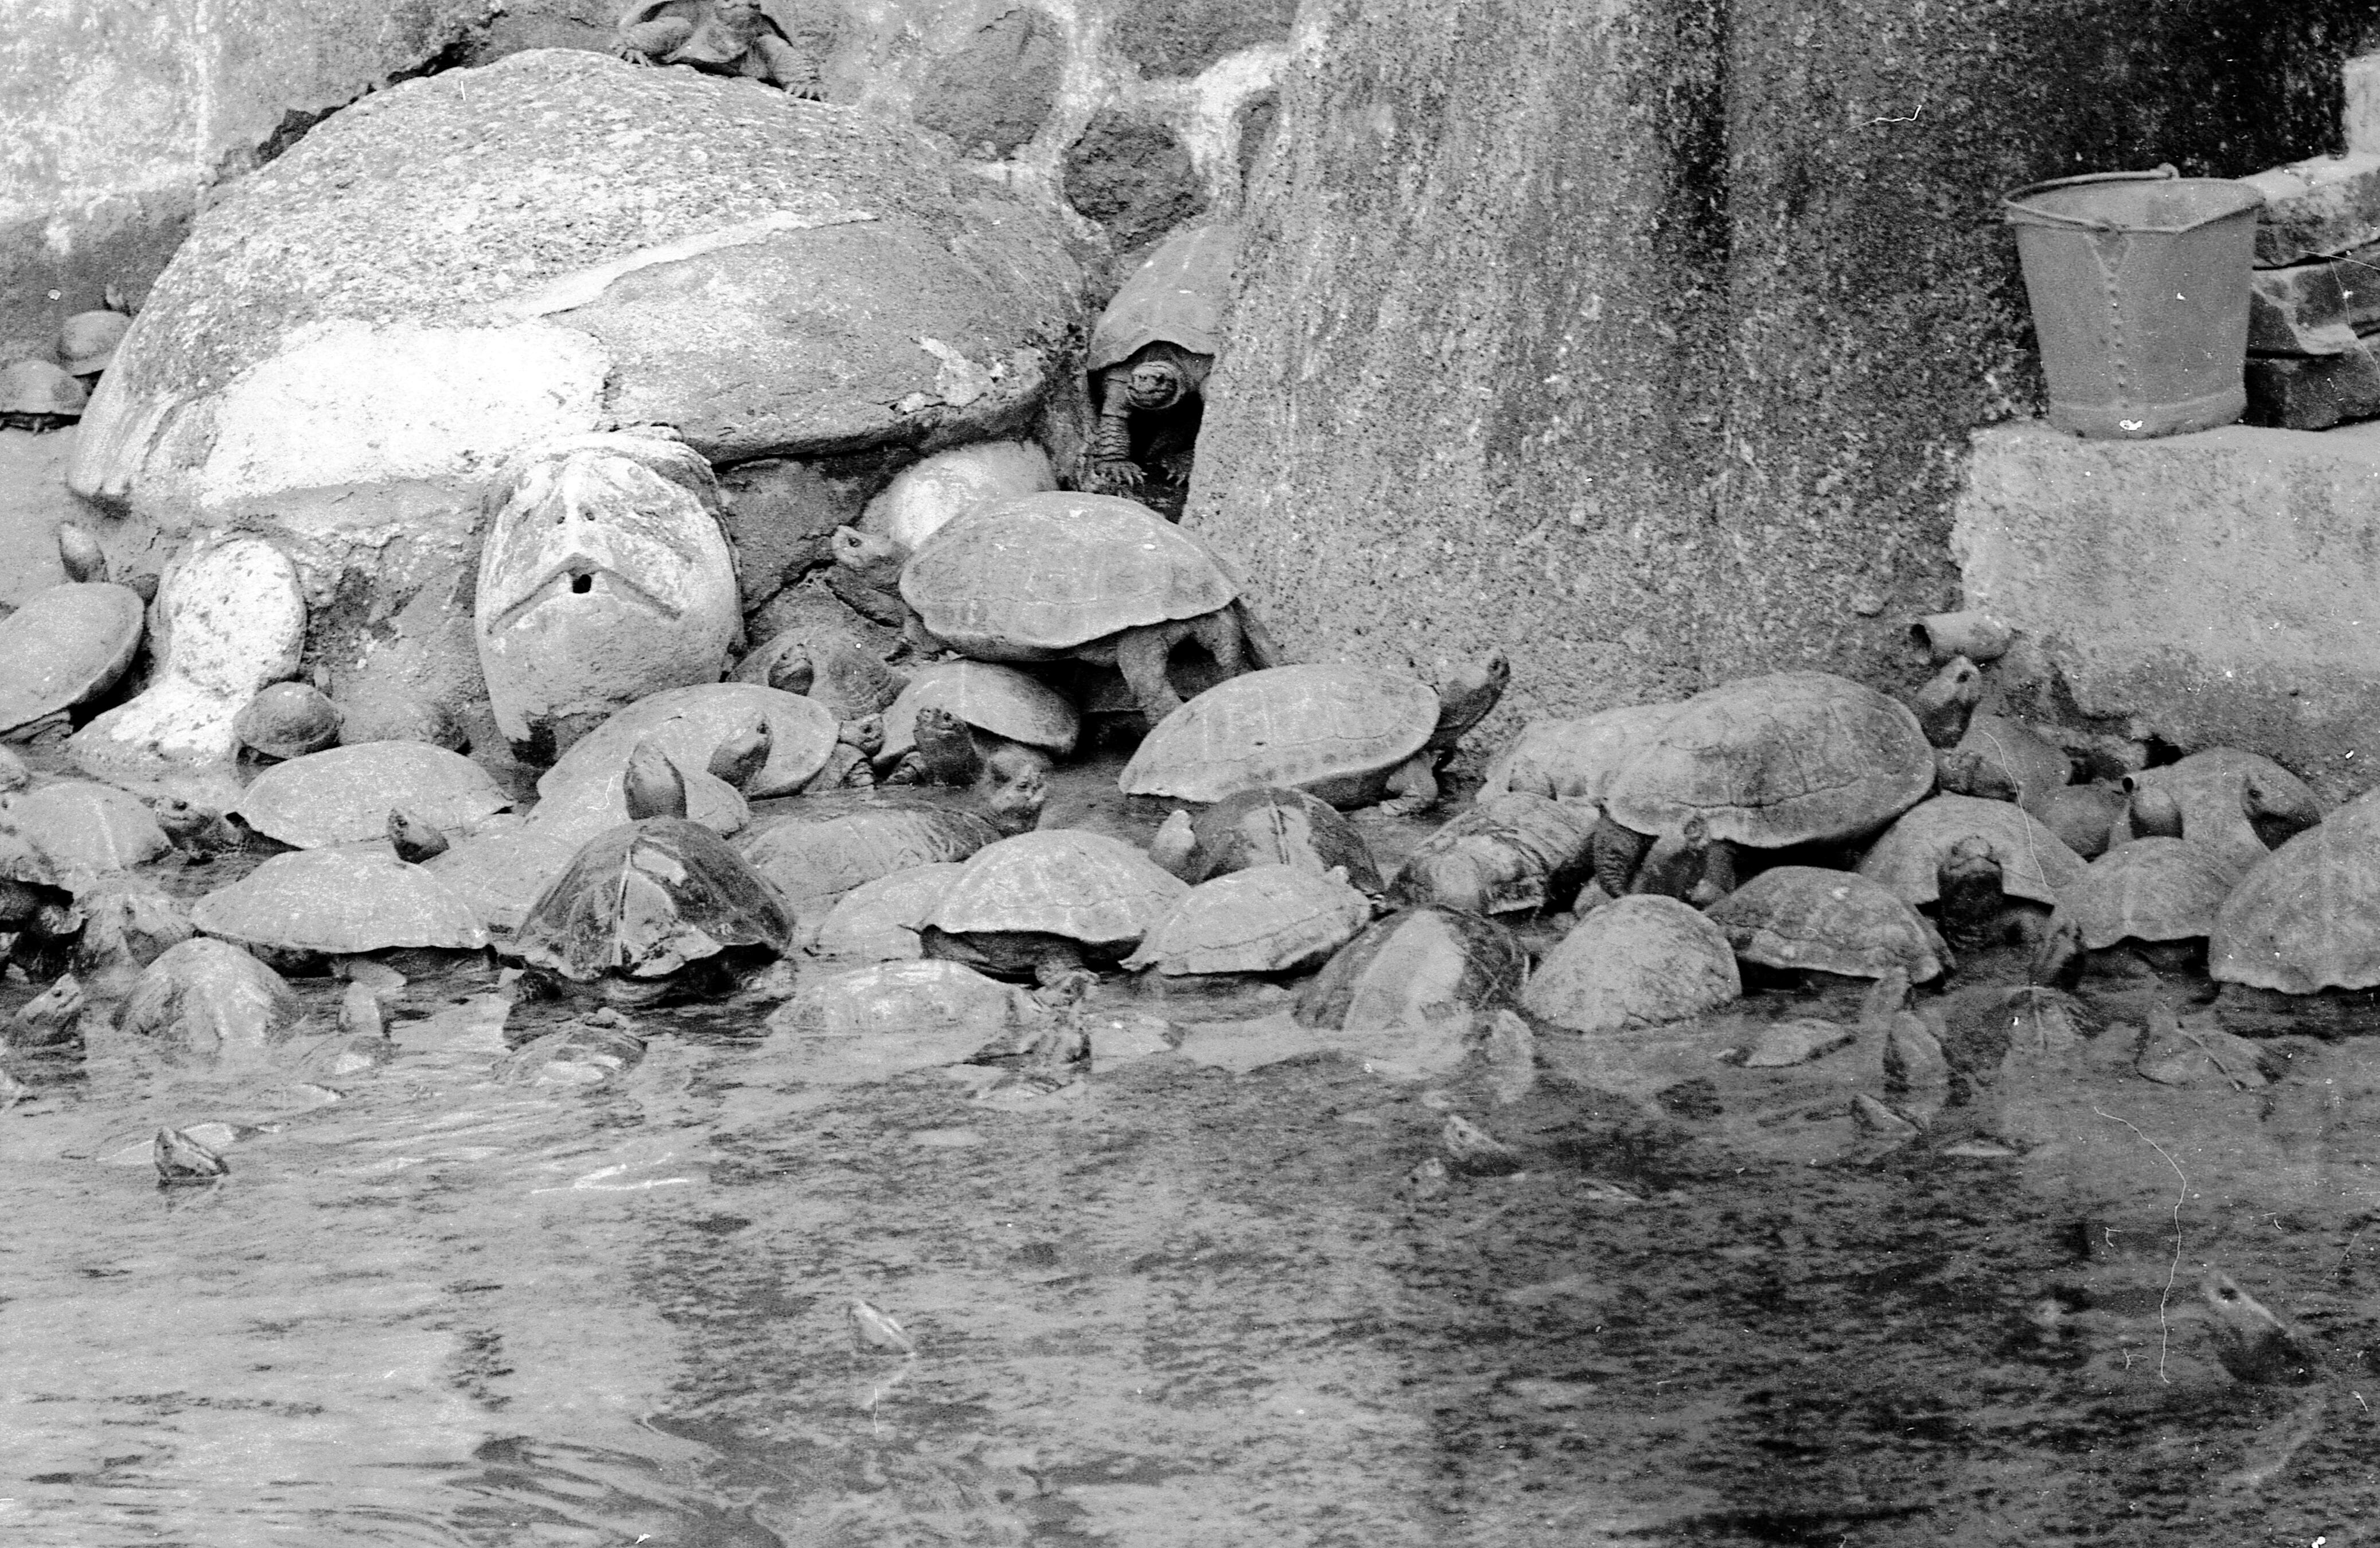 Tortoises-2.jpeg